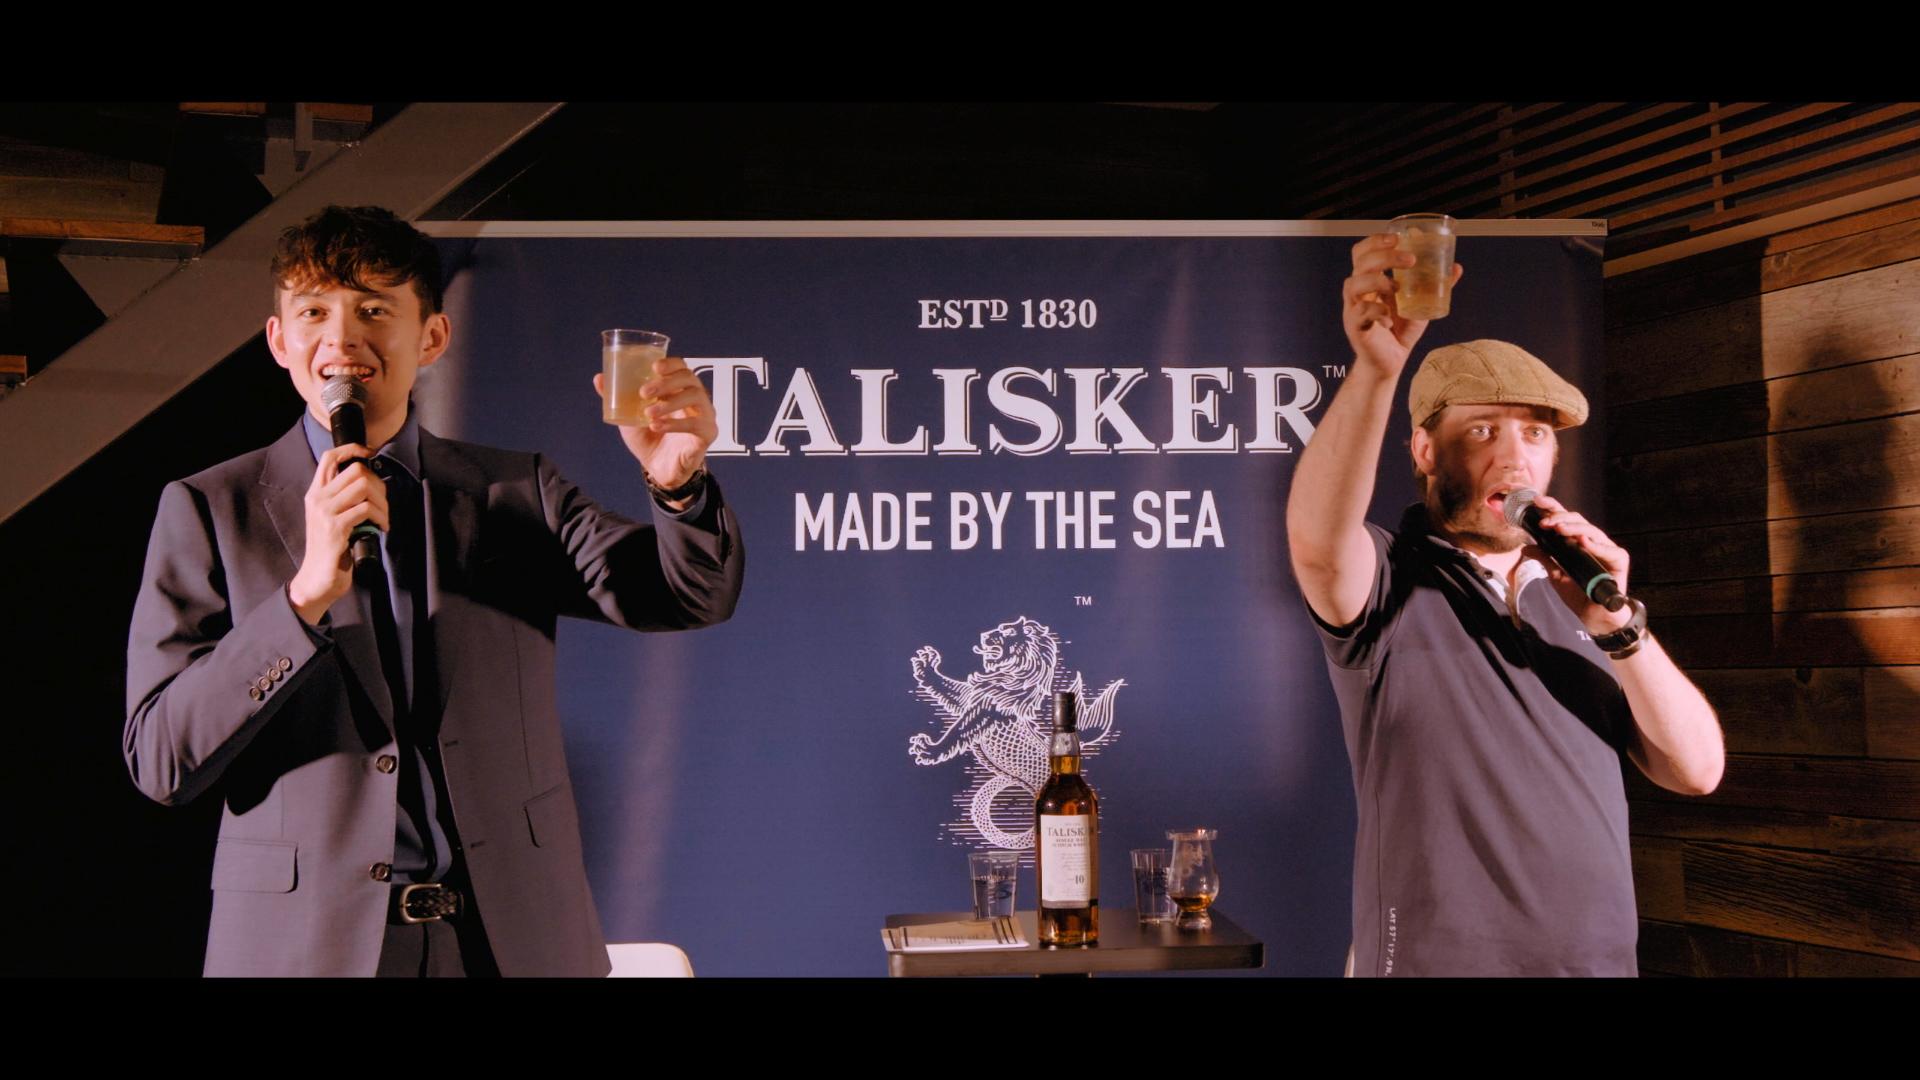 タリスカー・ラヴァーが東京・天王洲運河に集合!『TALISKER LOVERS TOKYO 2019』開催